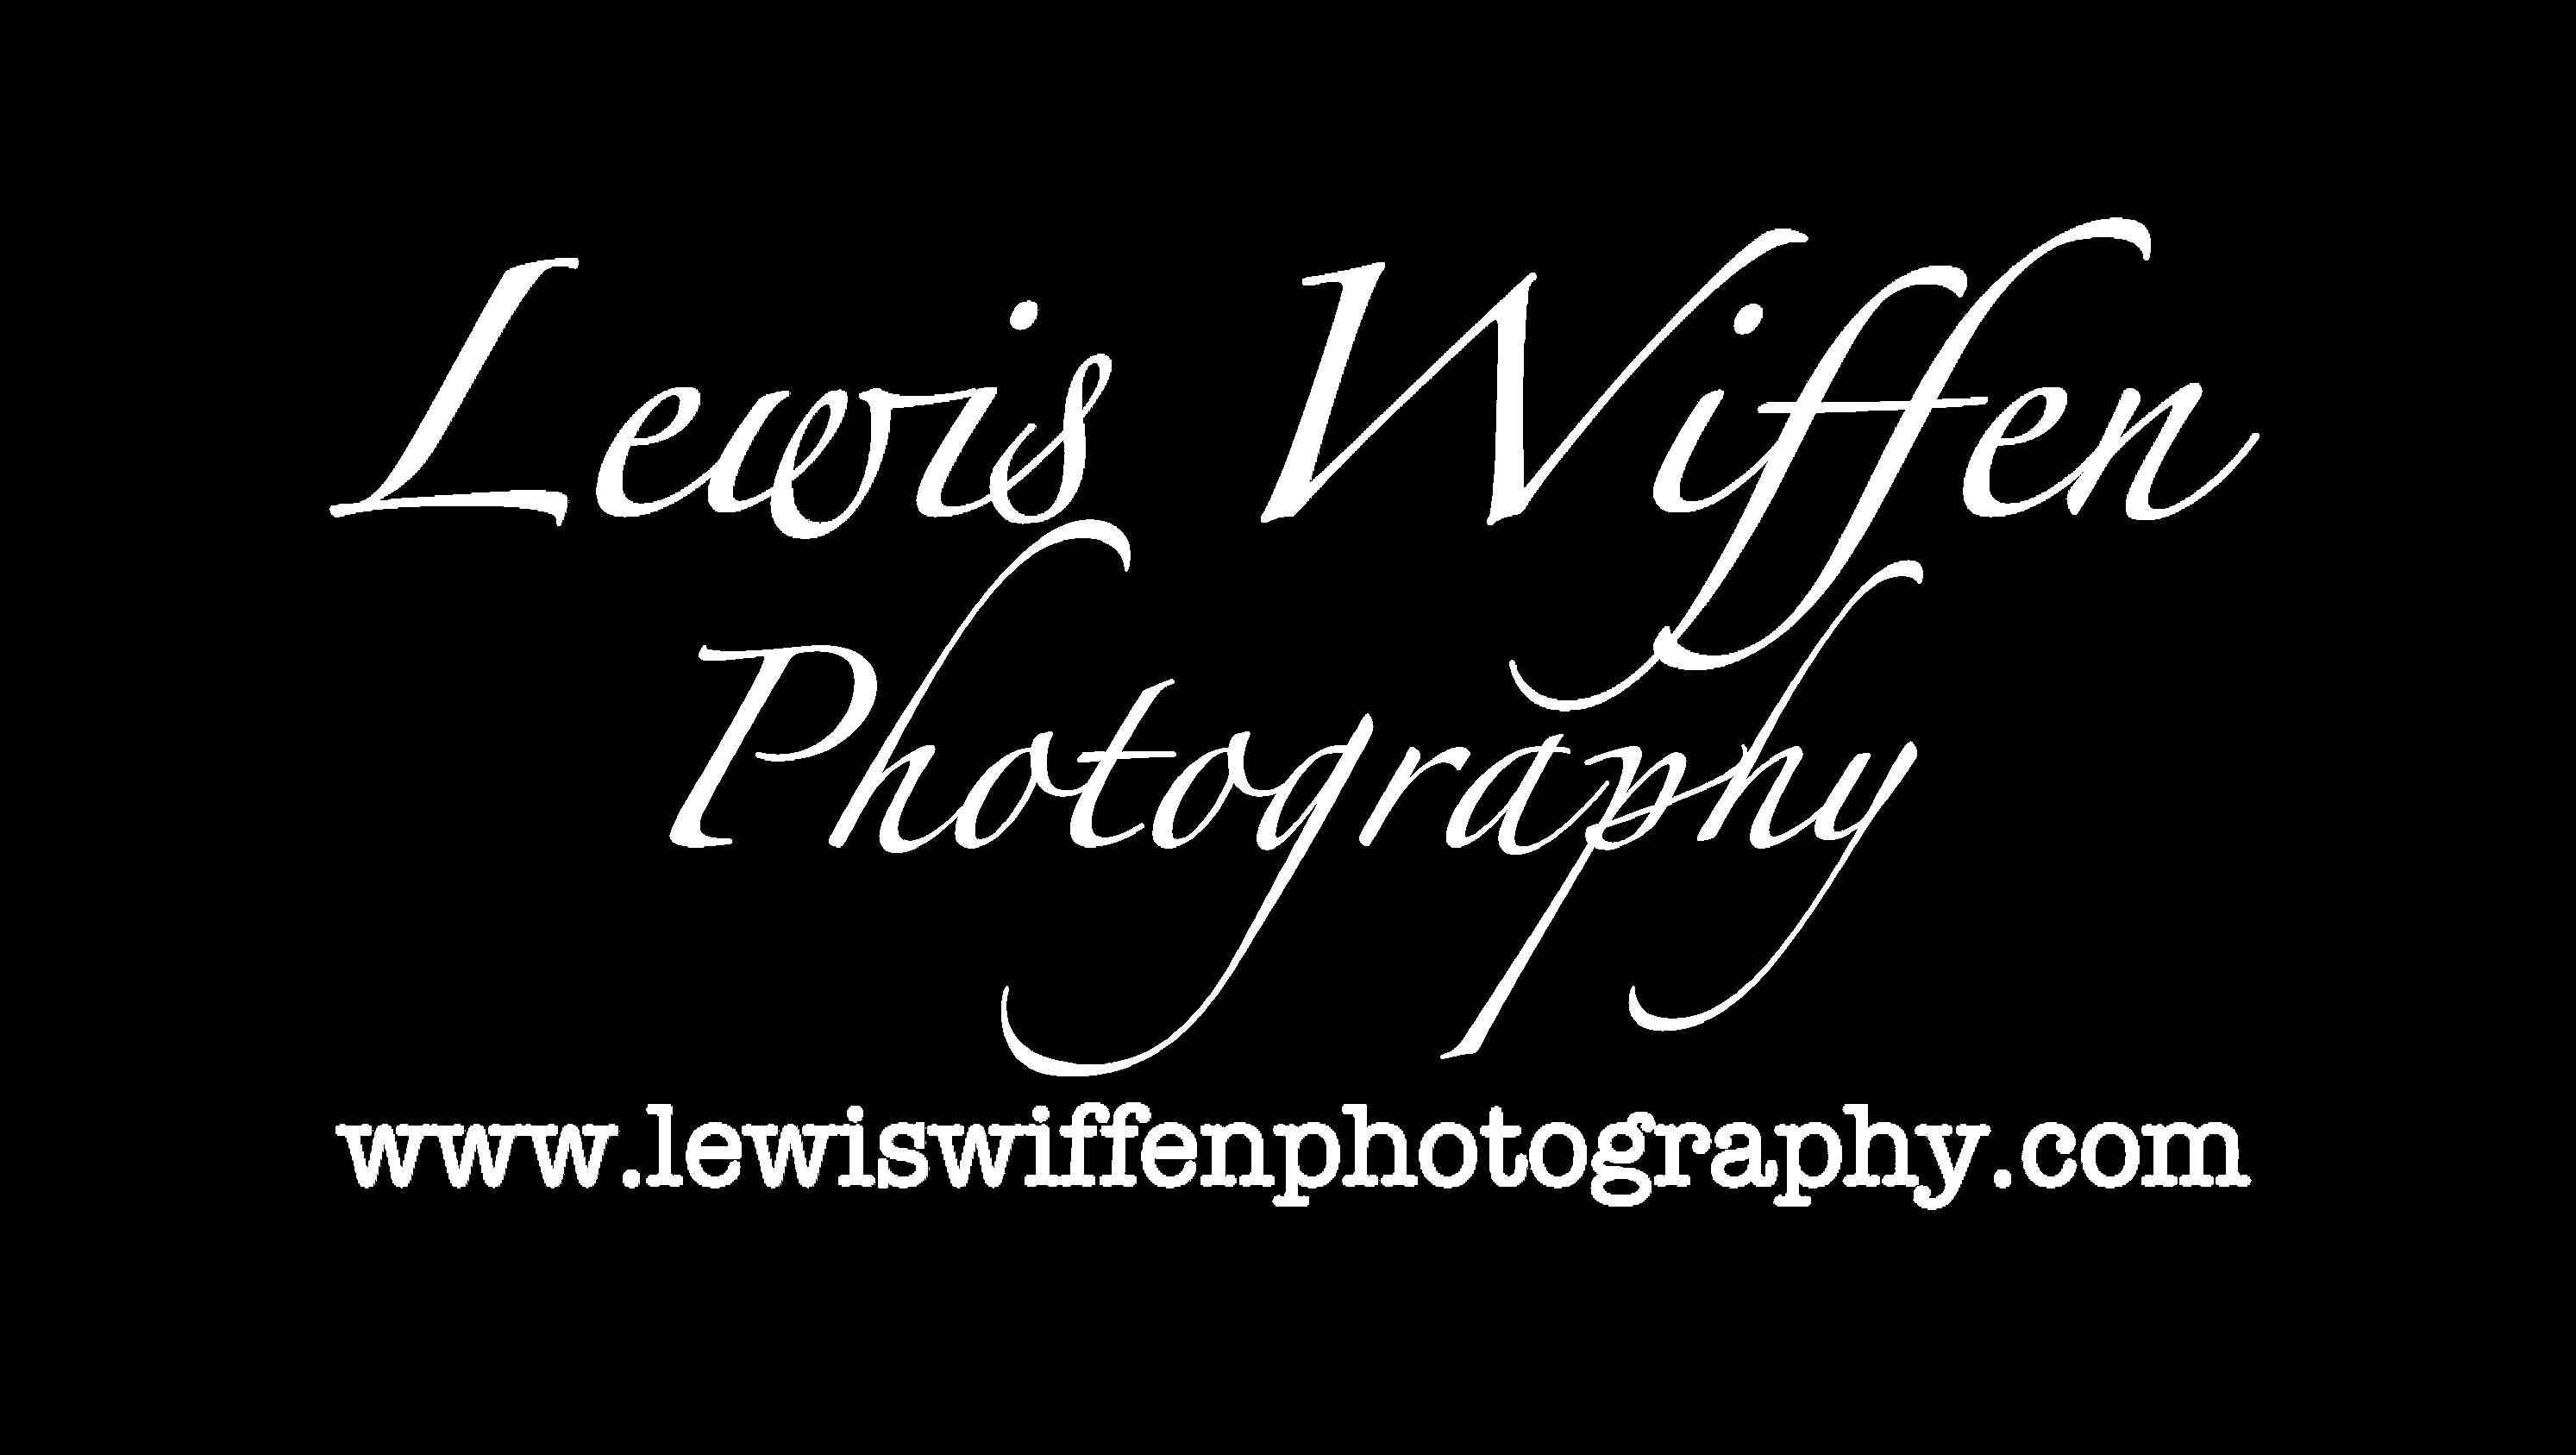 lewis wiffen